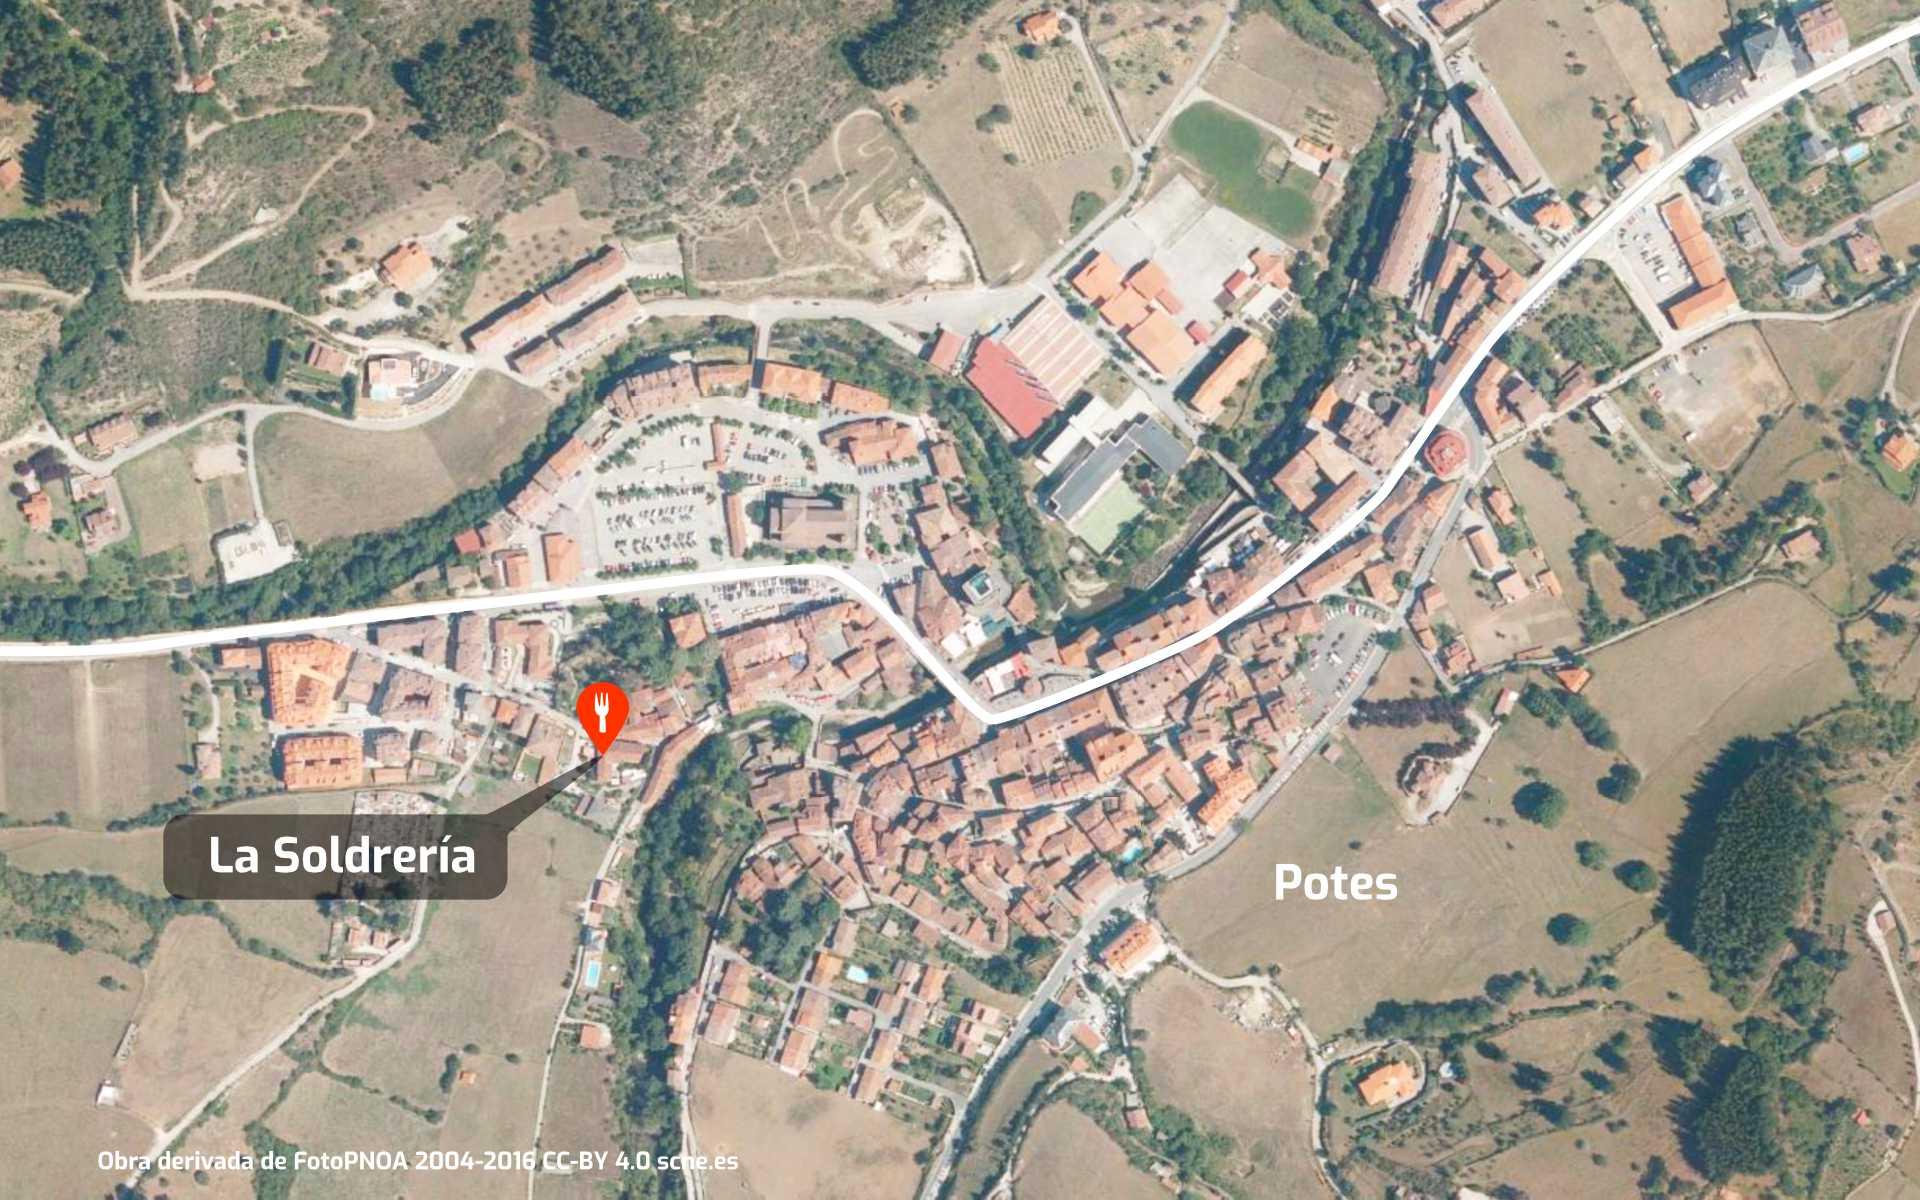 Mapa de cómo llegar al restaurante La Soldrería en Potes, Liébana, Cantabria